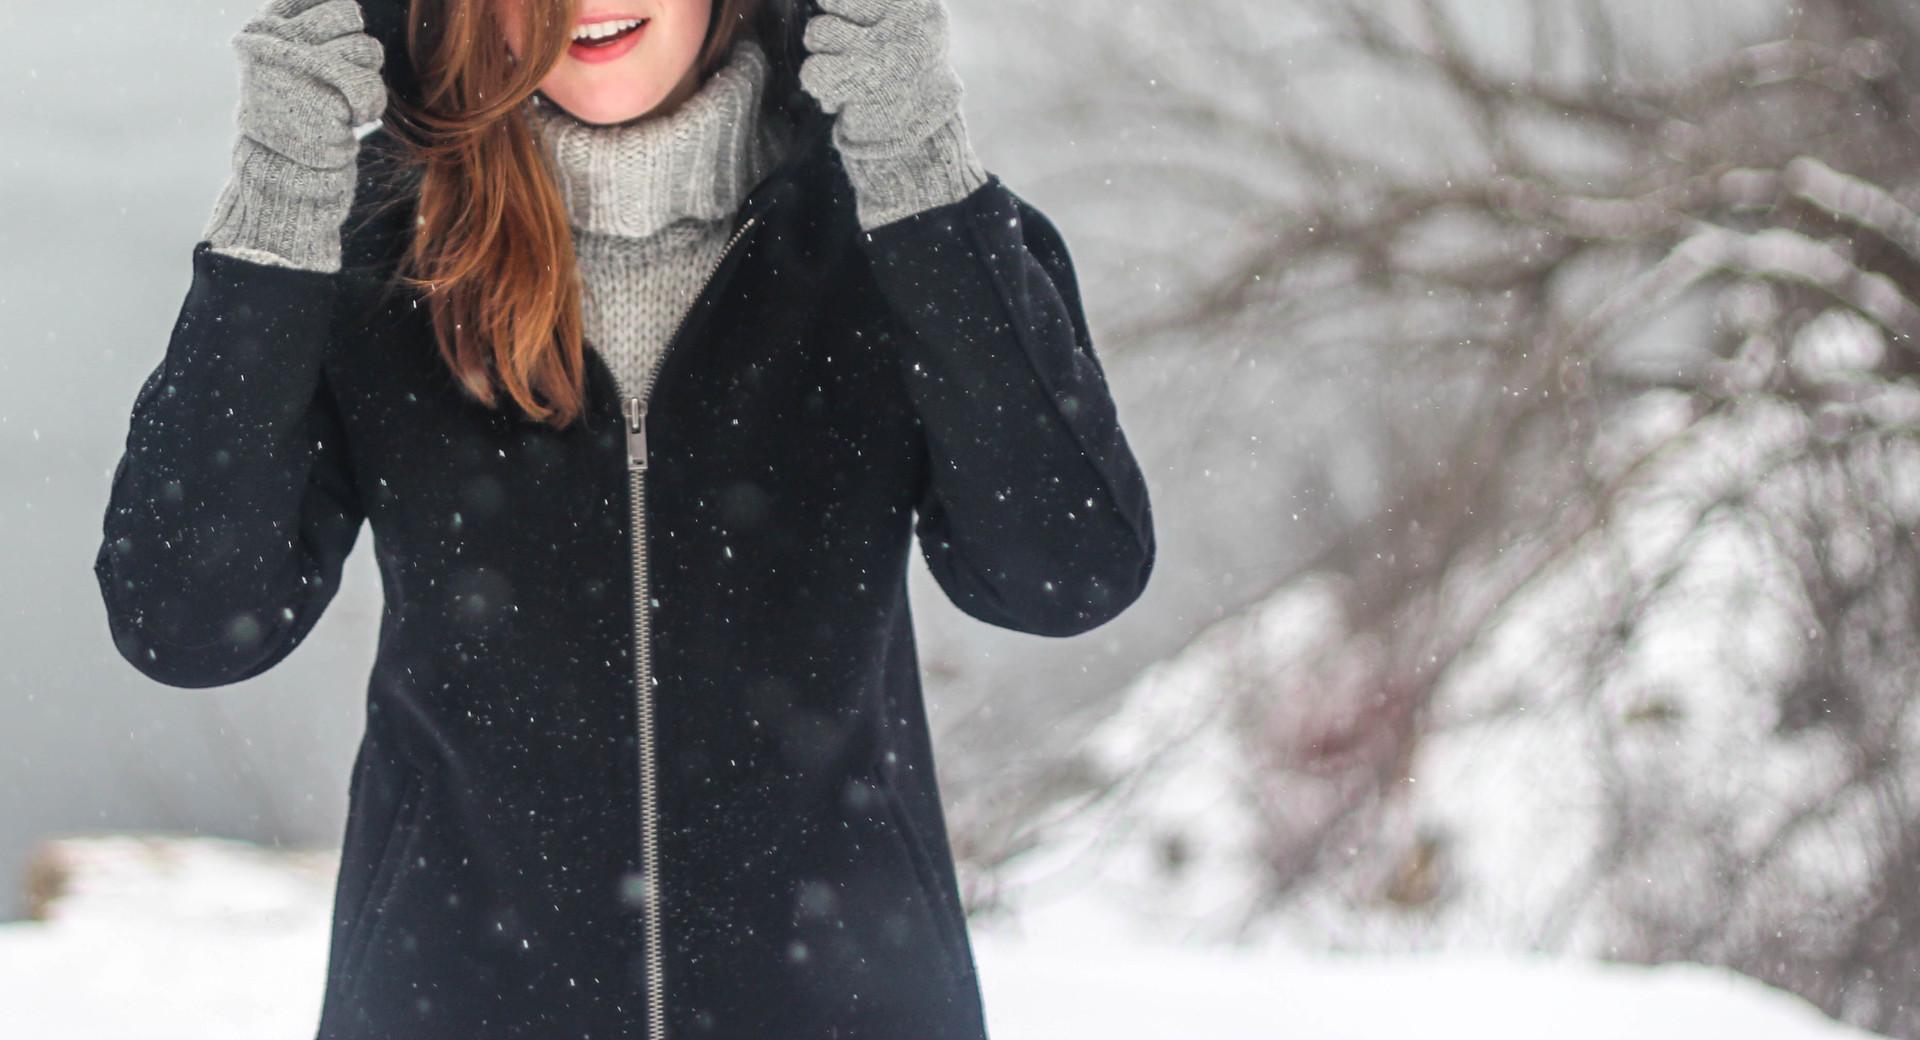 Zabezpiecz się przed mrozami – najciekawsze propozycje odzieży do sportów zimowych